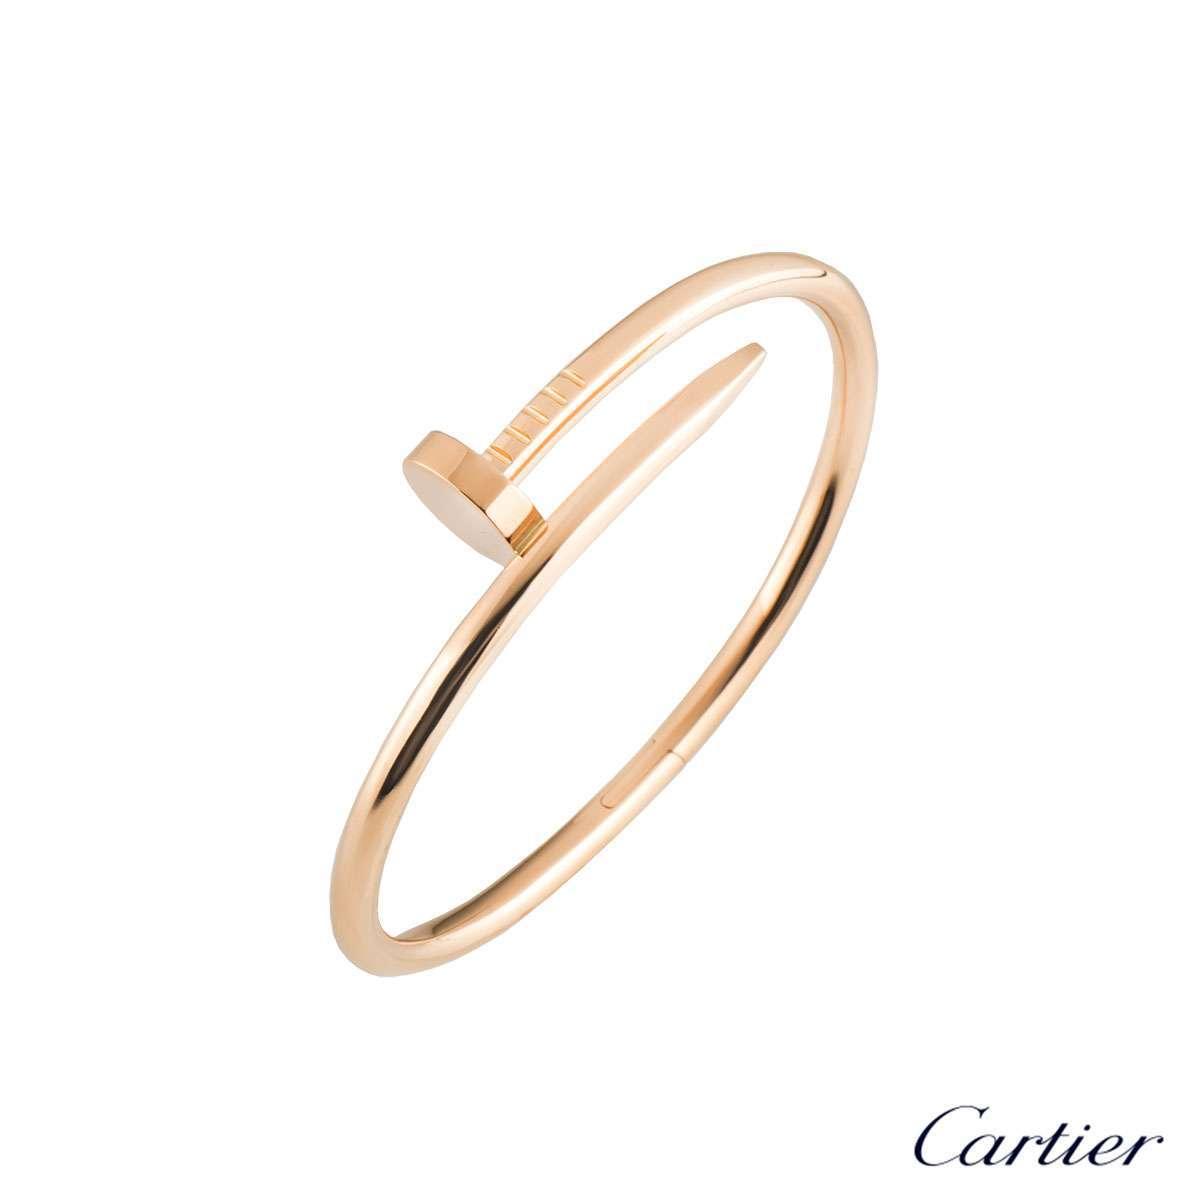 Cartier Rose Gold Juste Un Clou Bracelet Size 18 B6048118